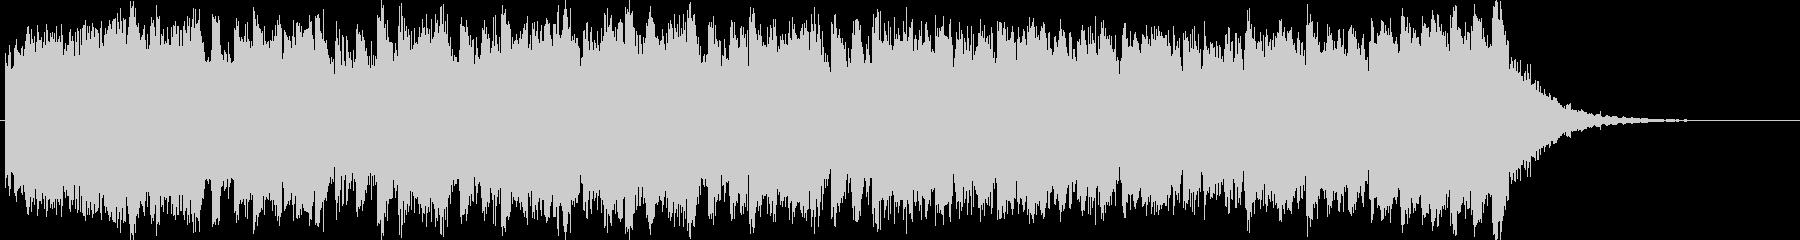 壮大で迫力あるフルオーケストラジングルの未再生の波形